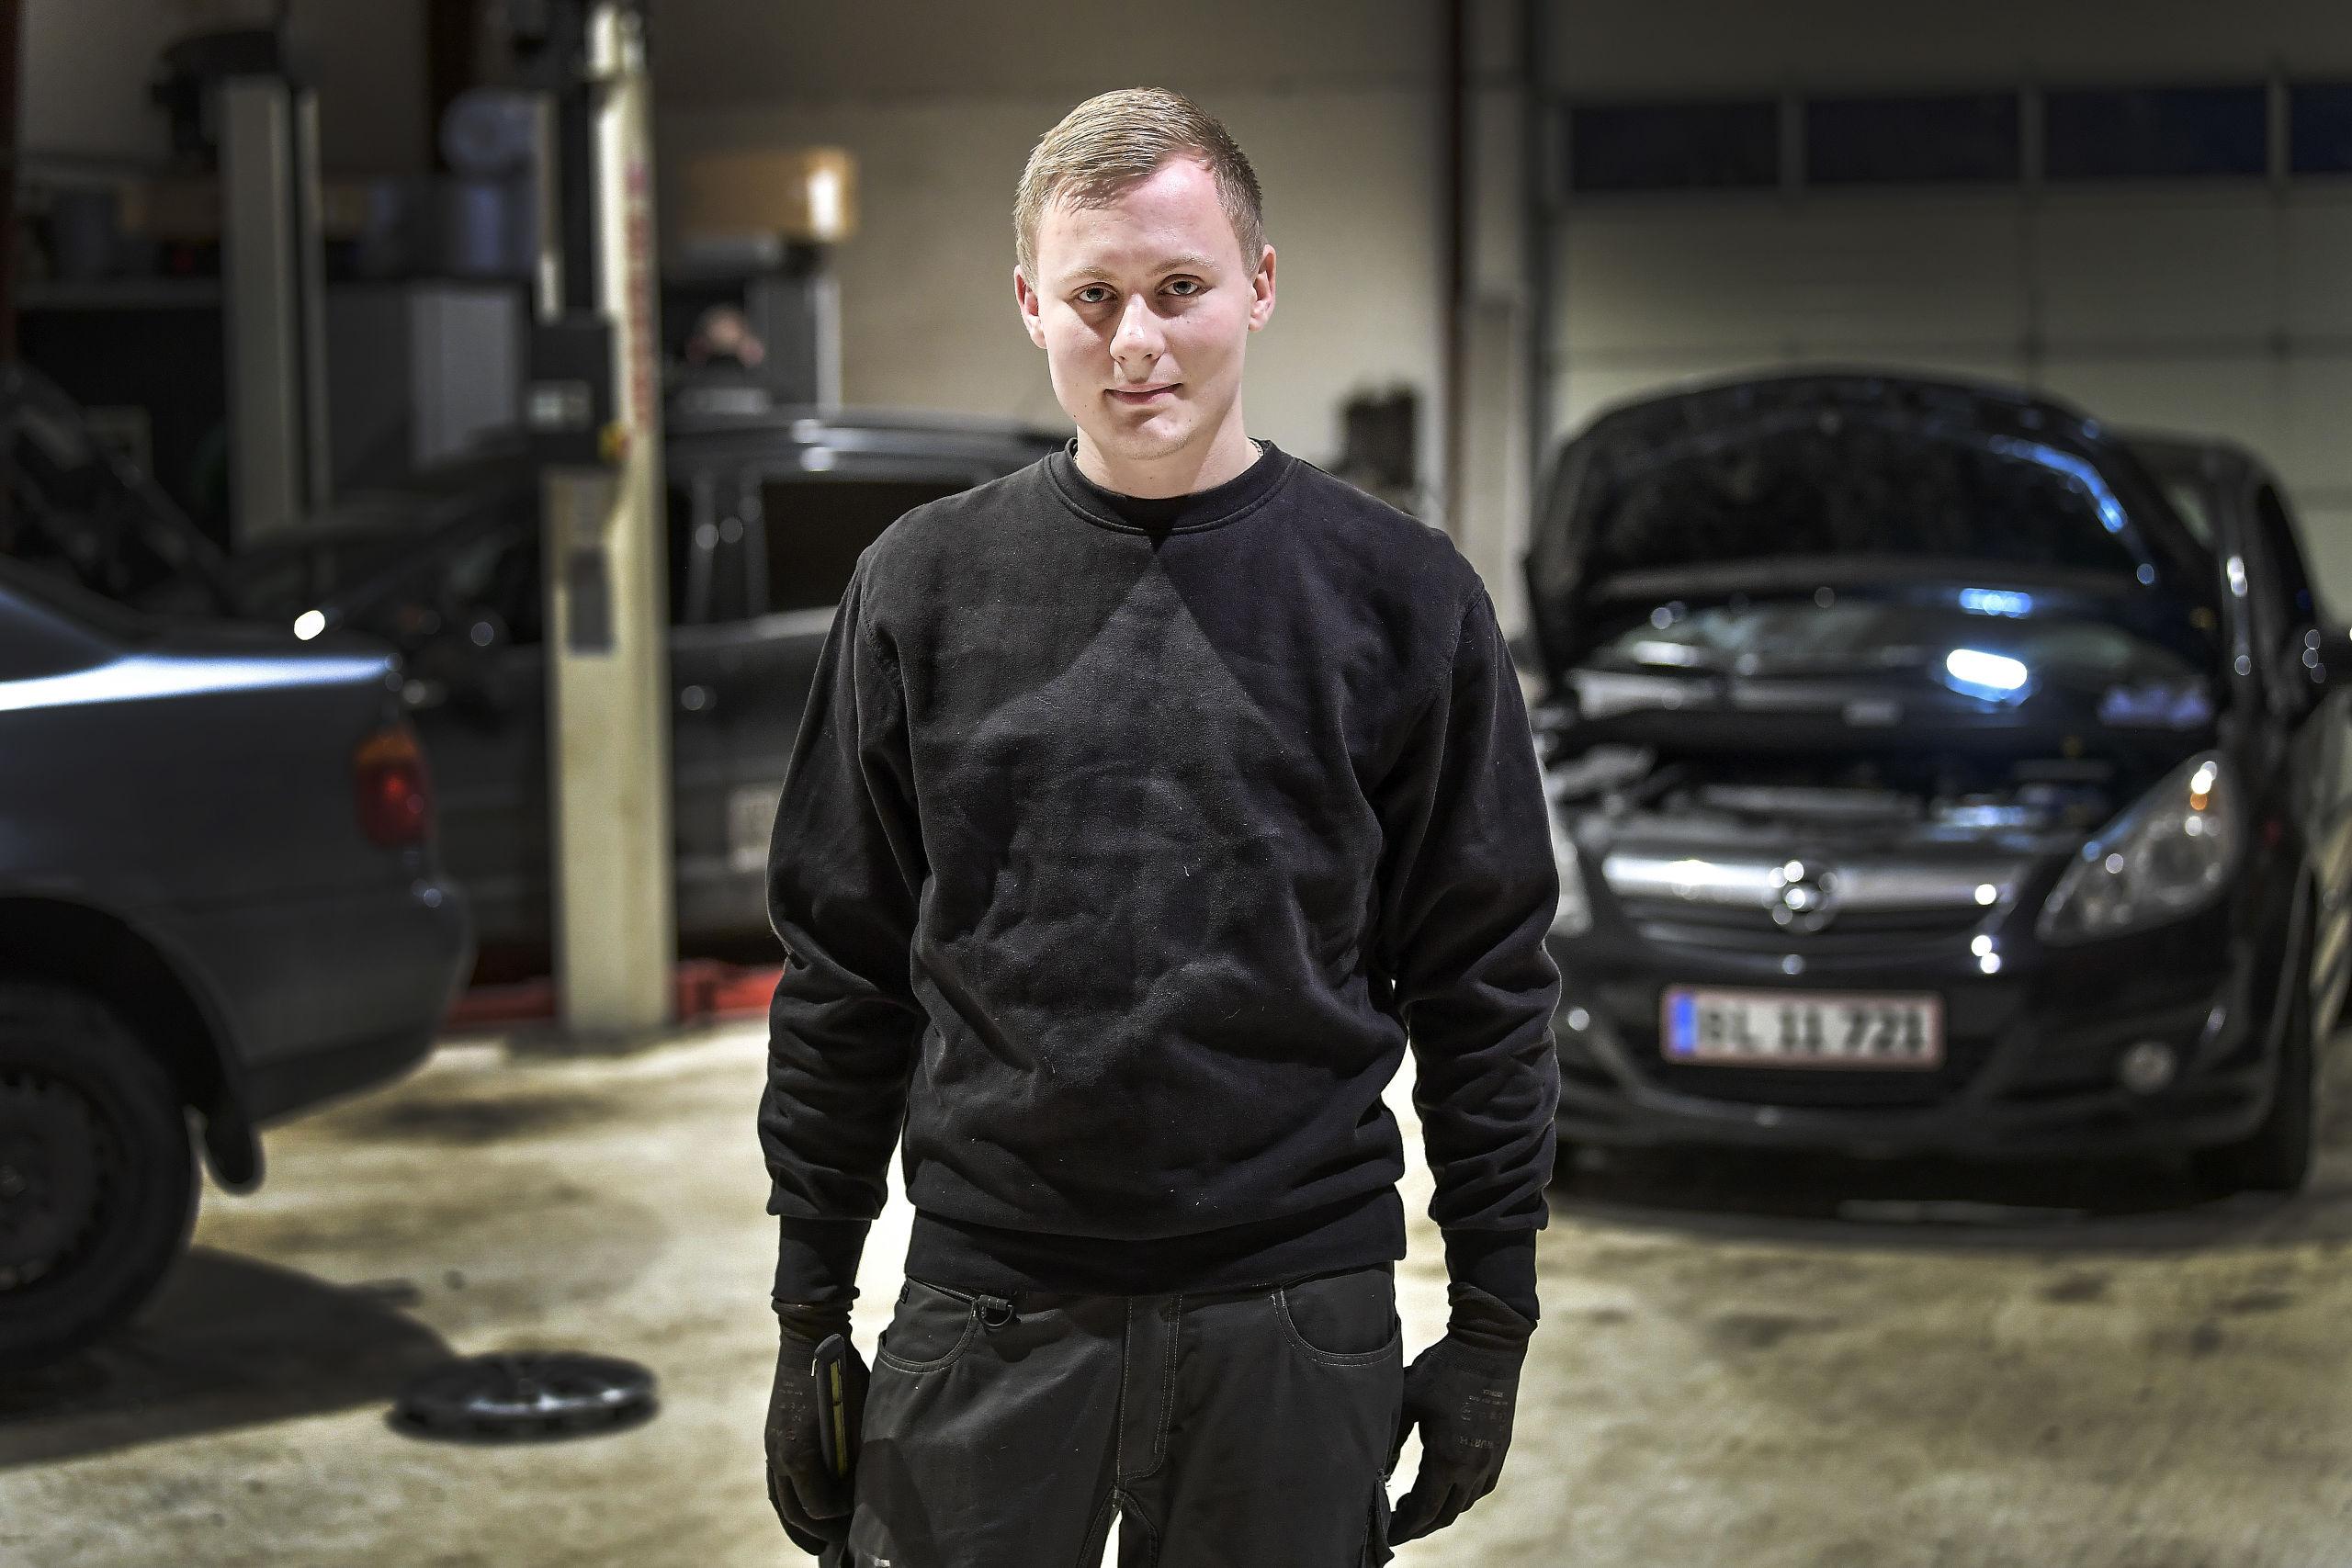 Han er glad for sit arbejde, men er klar til at satse på CarAdvice, hvis det bliver en succes. Foto: Michael Koch